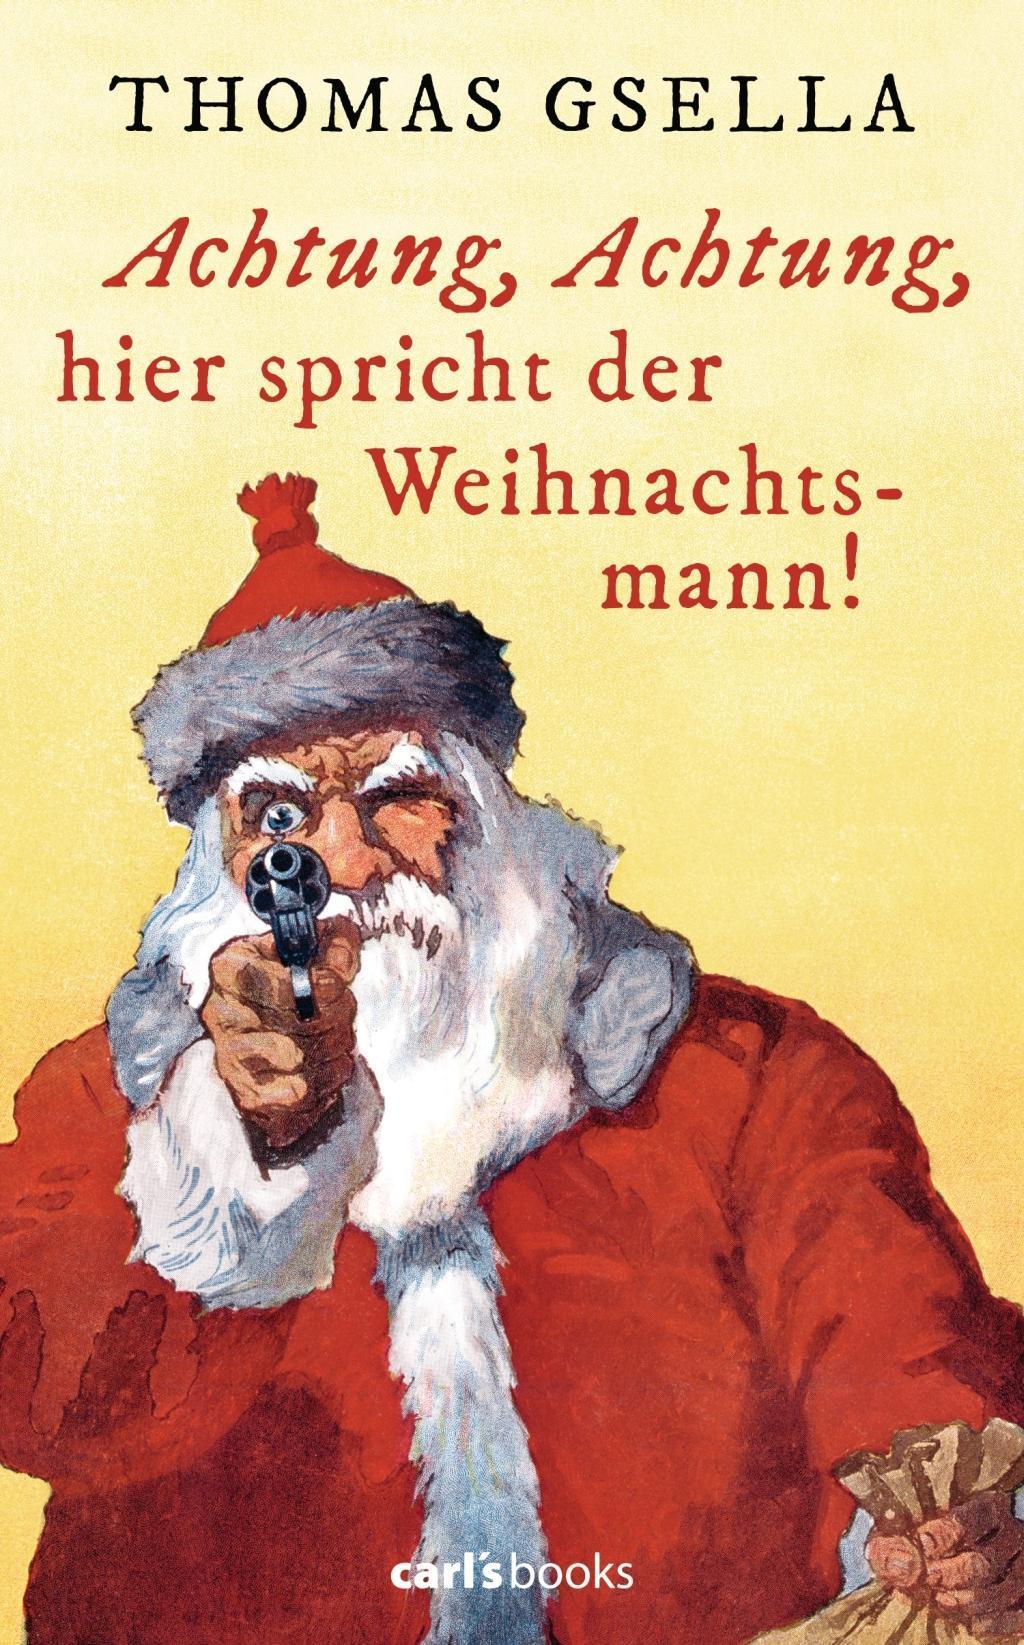 Thomas Gsella ~ Achtung, Achtung, hier spricht der Weihnachtsmann! 9783570585344